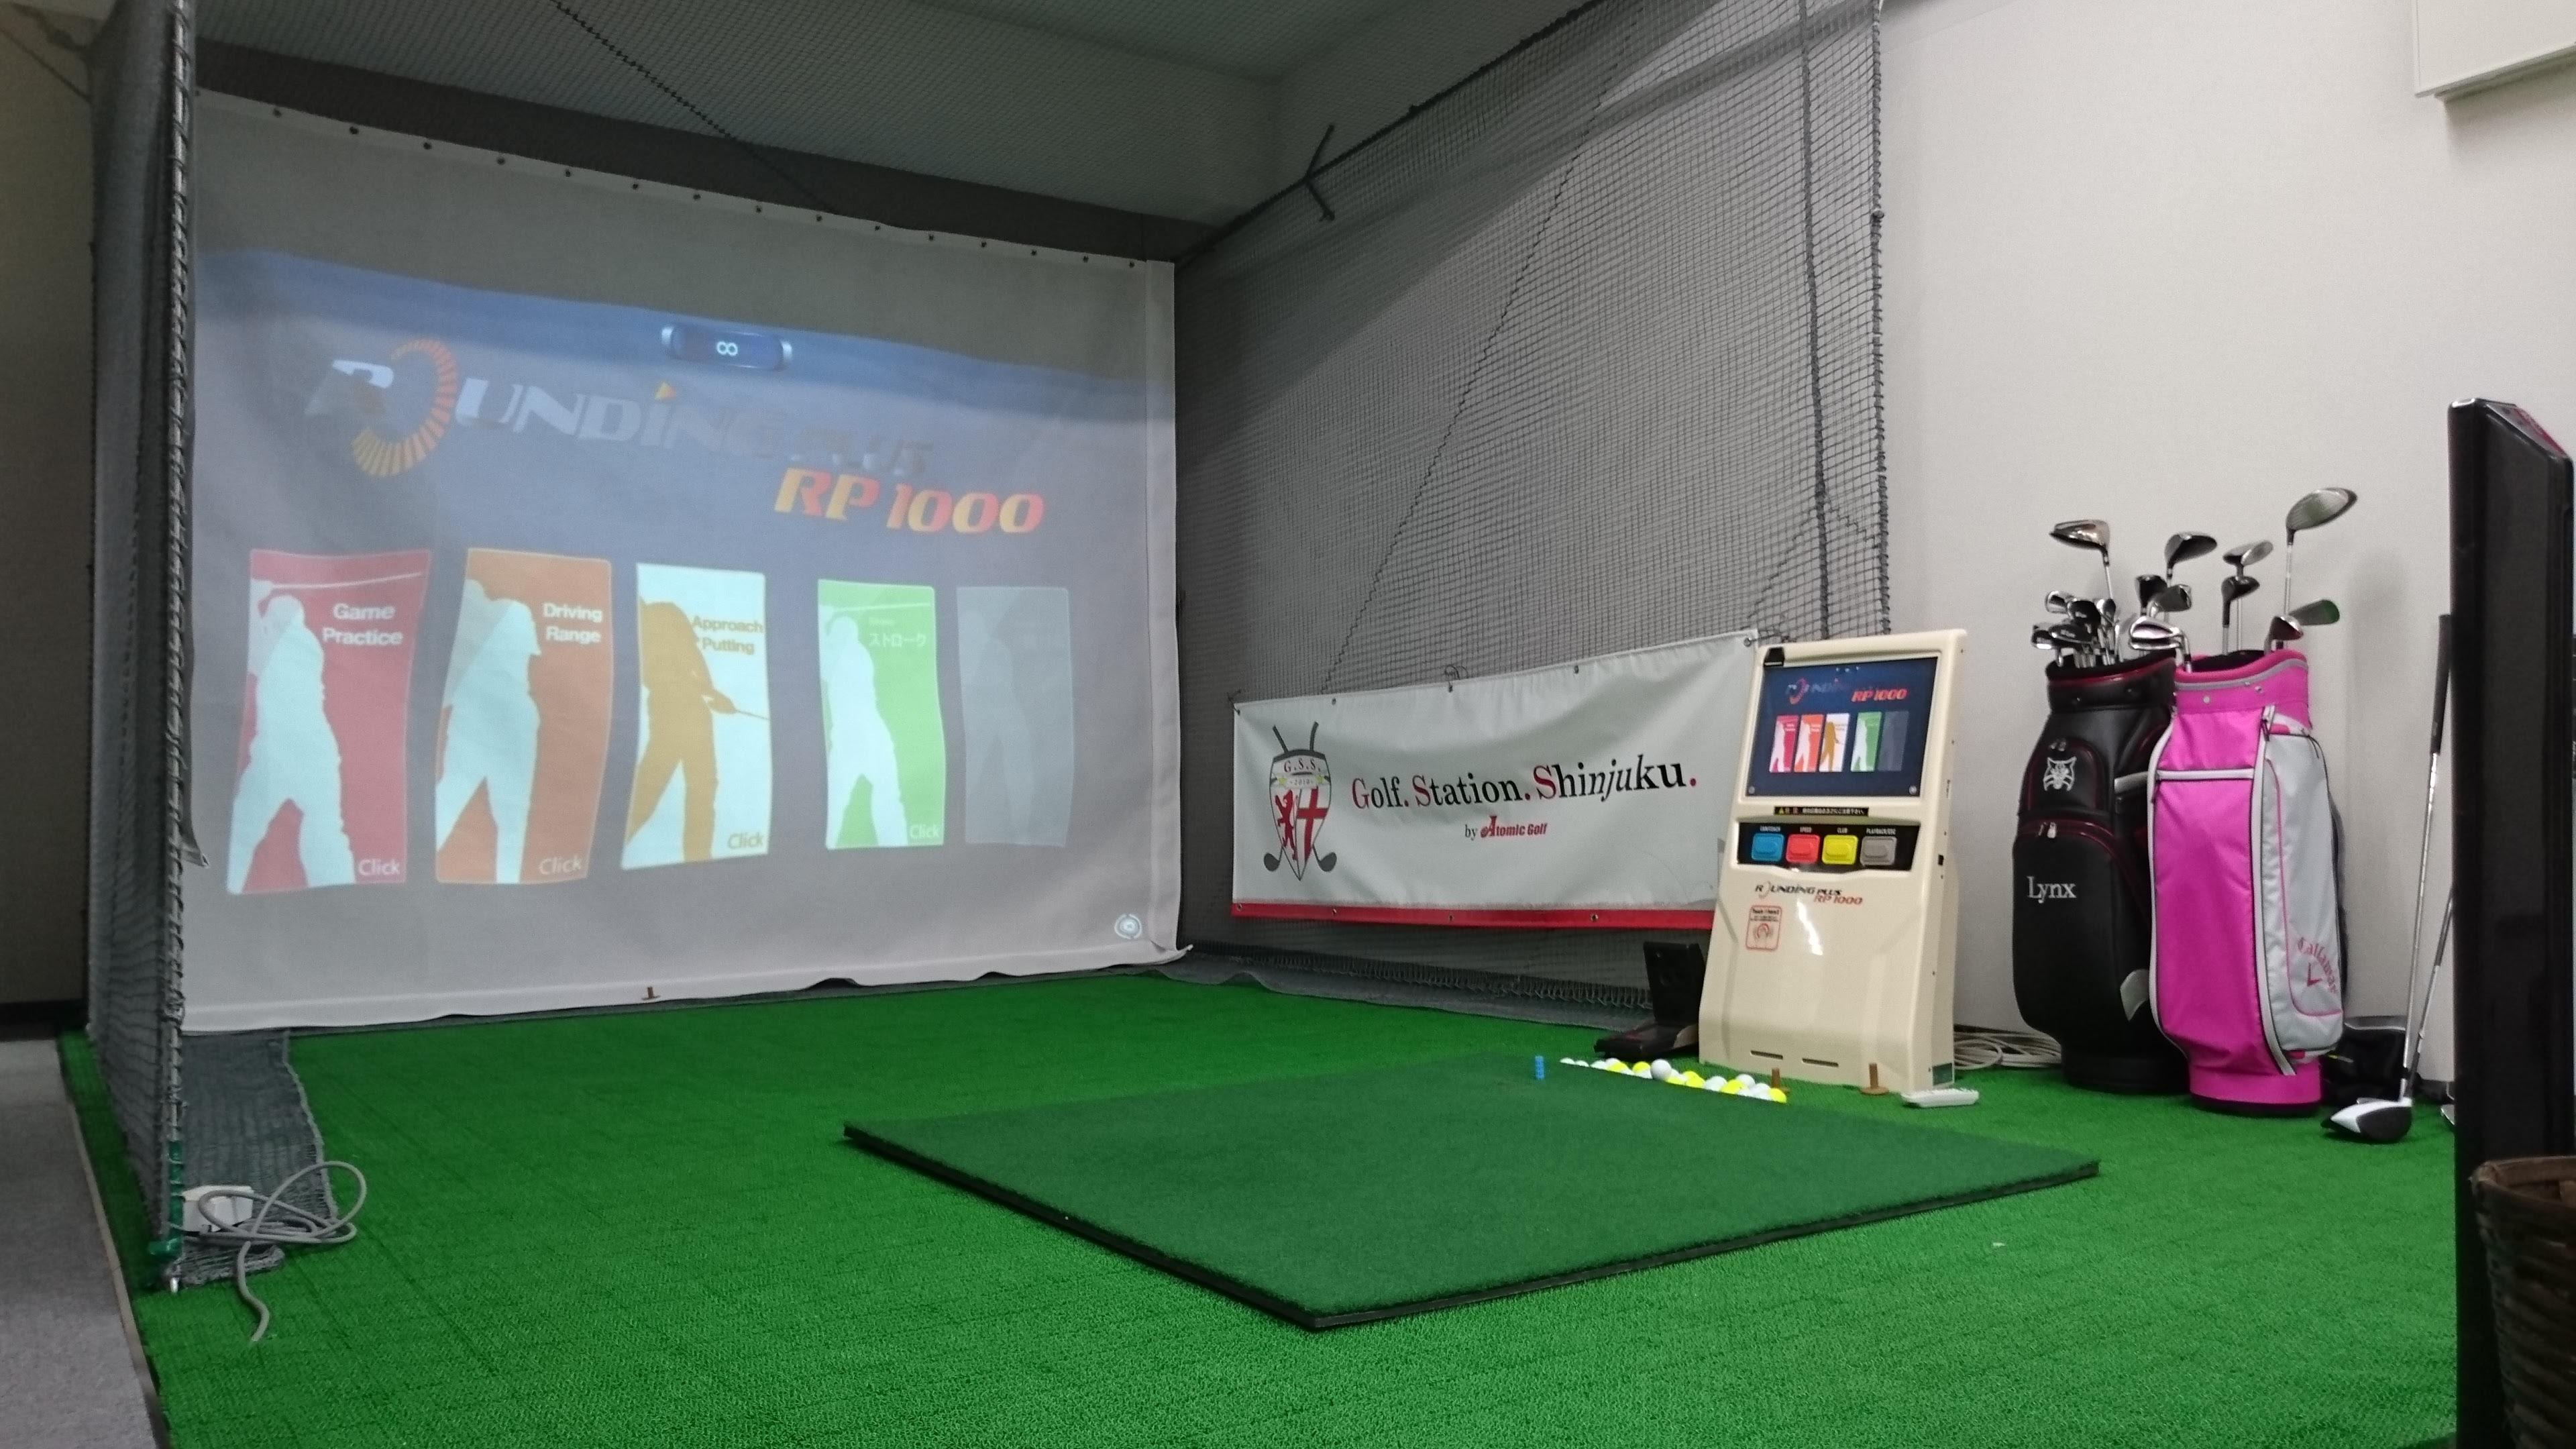 ゴルフステーション新宿|シミュレーションゴルフ